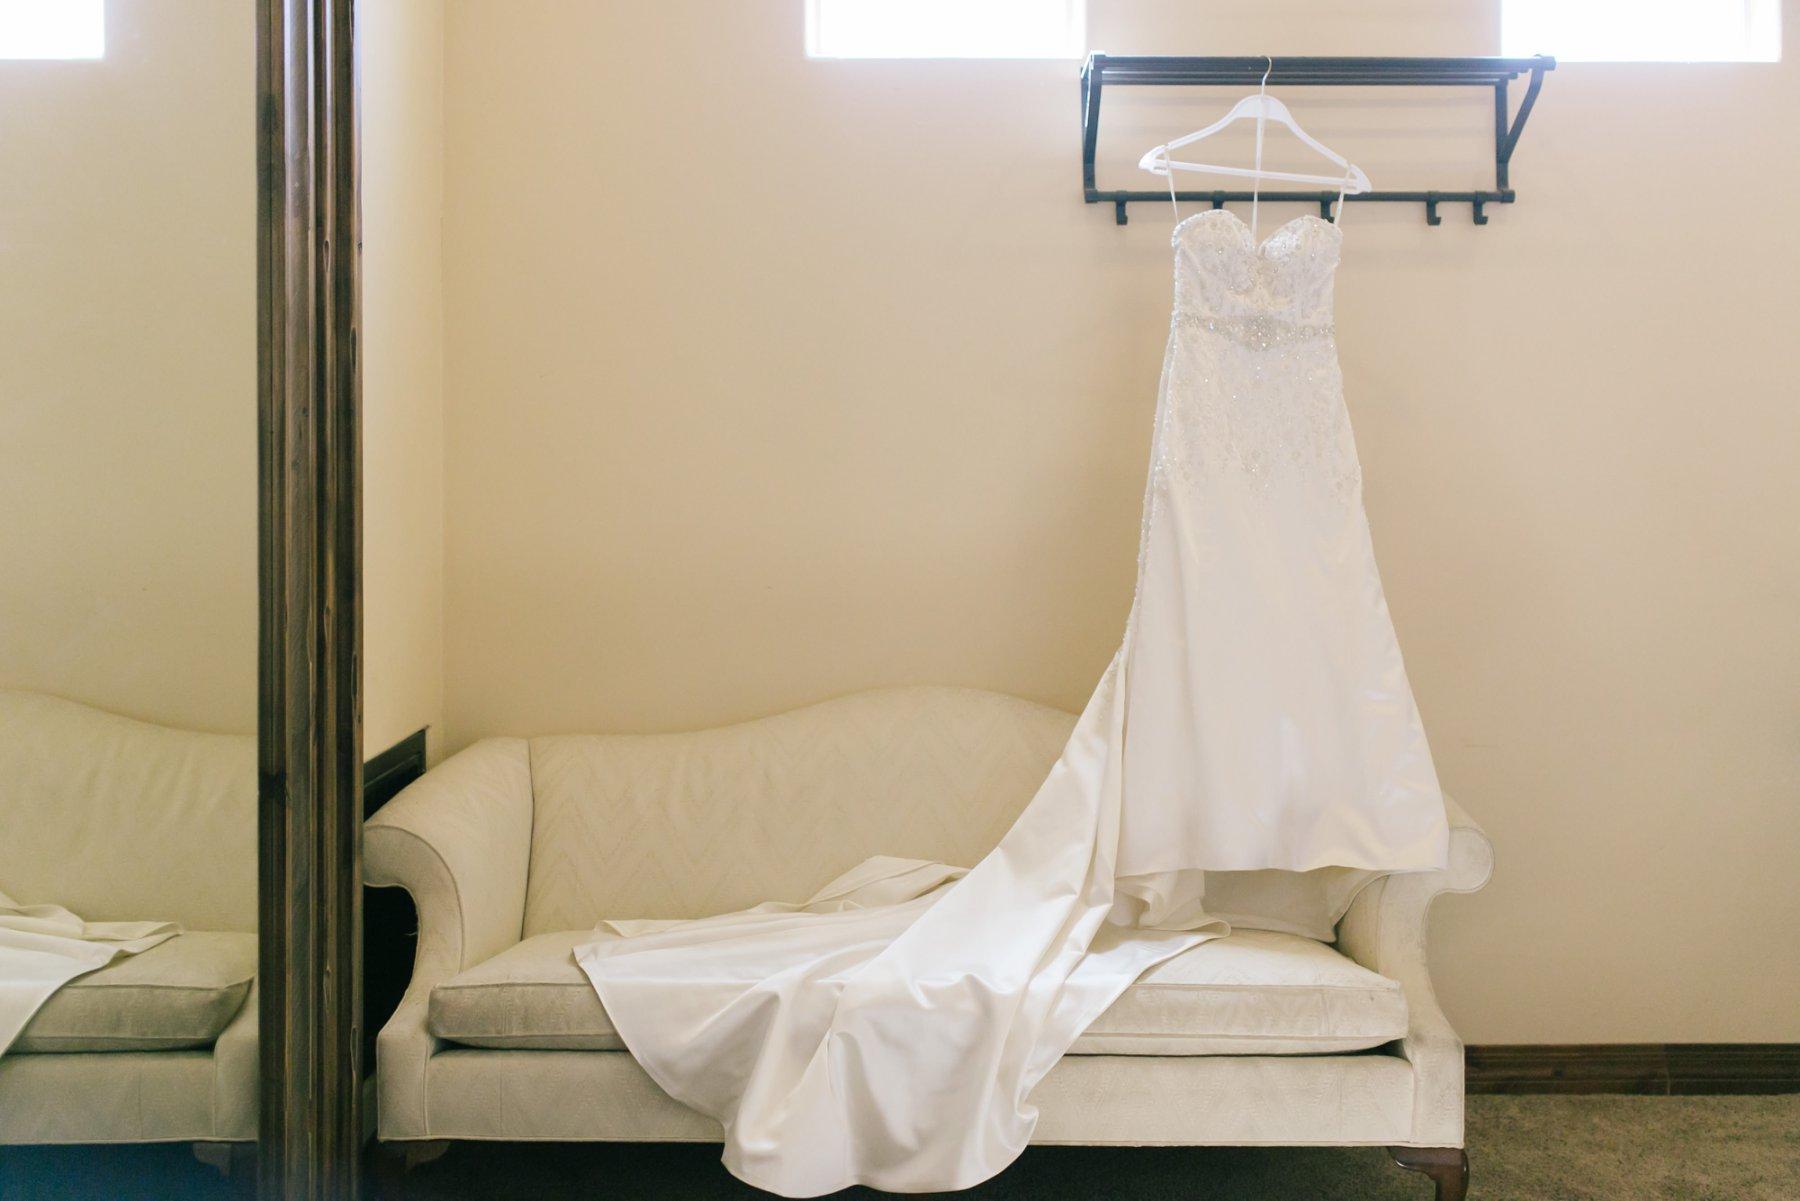 Superstition Manor bridal suite wedding dress hanging